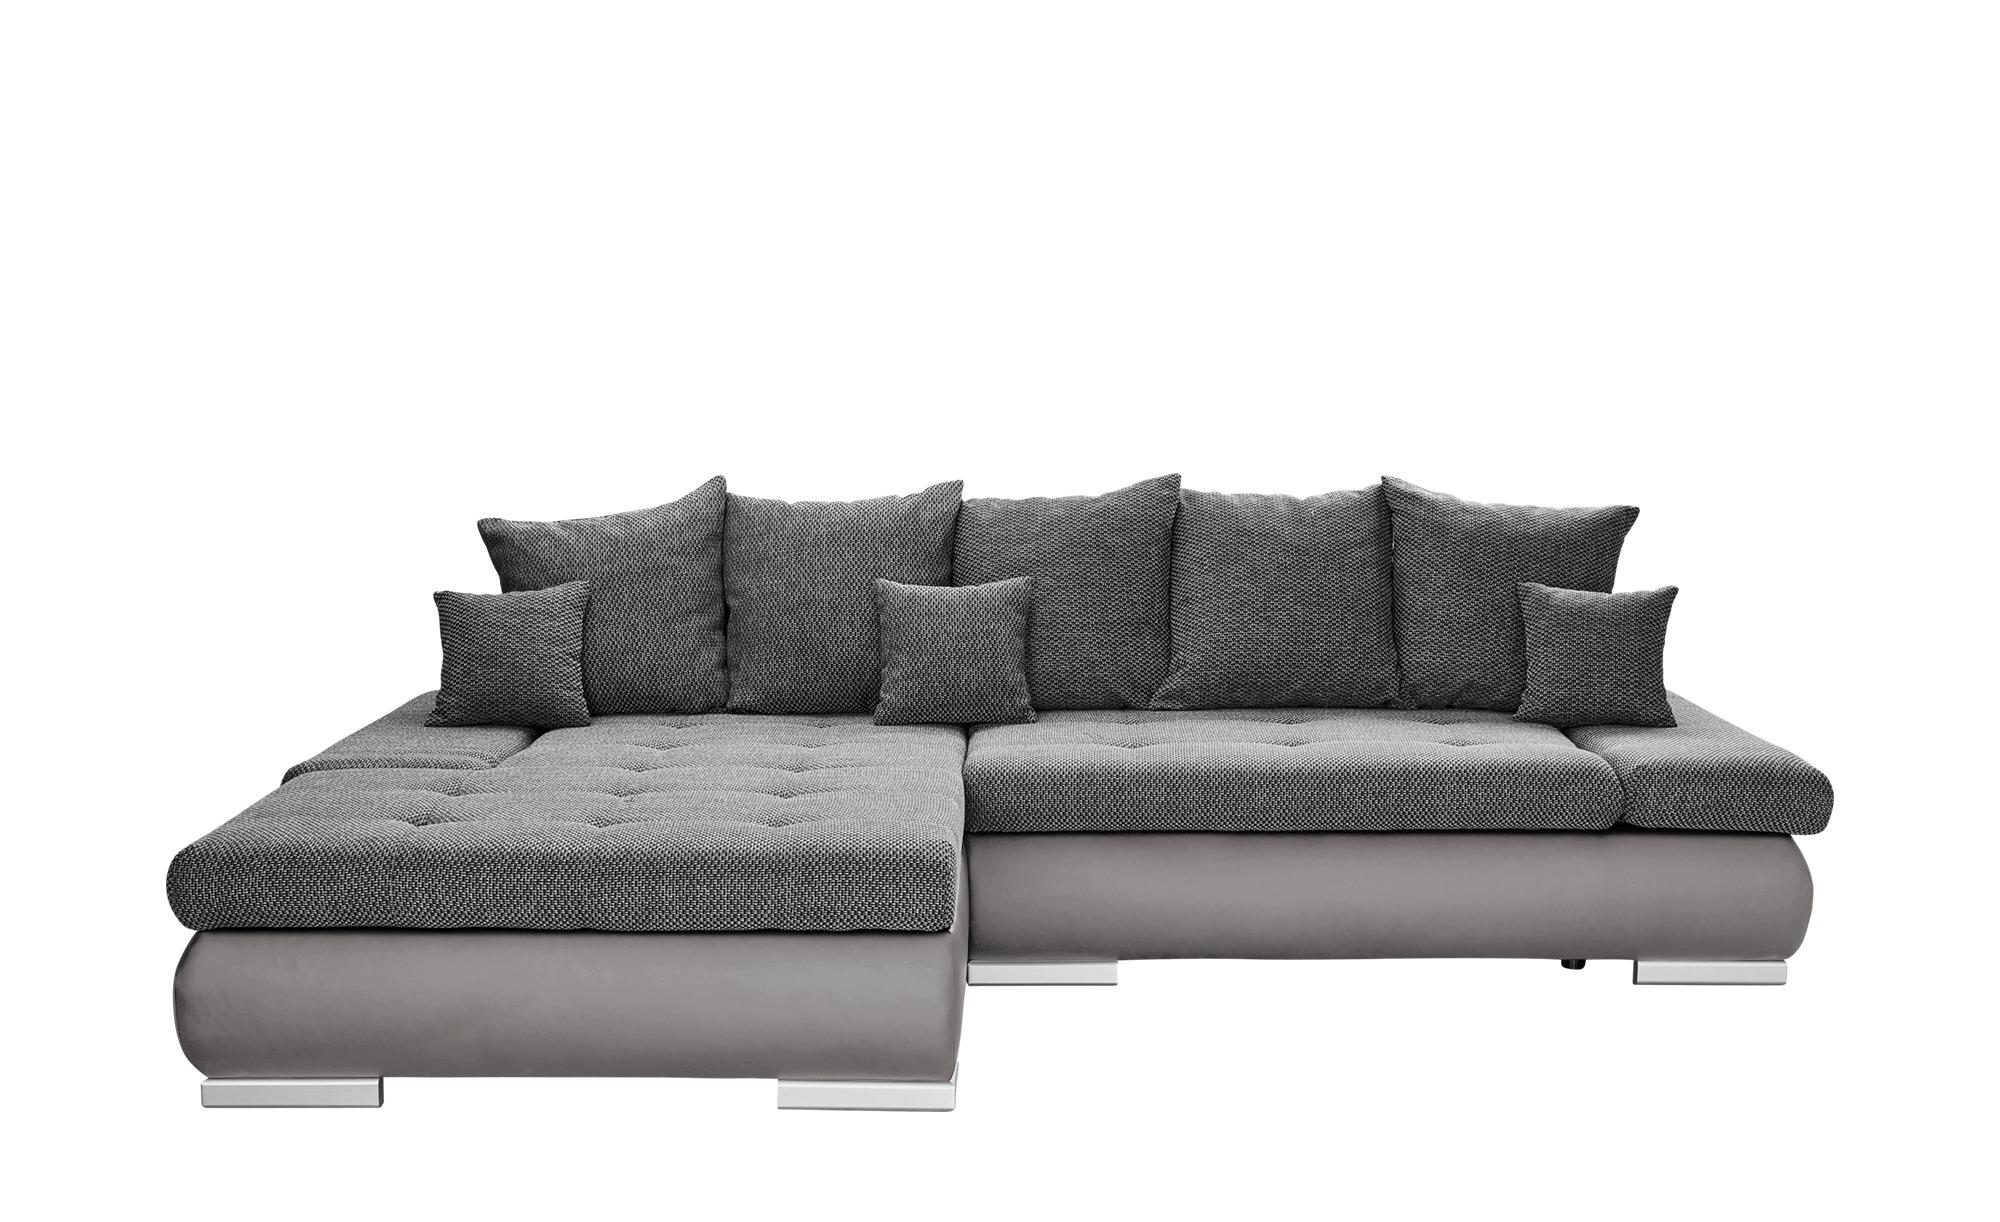 Switch Eckcouch Grau Kunstleder Webstoff Ivan Eckcouch Couch Und Eckcouch Mit Schlaffunktion